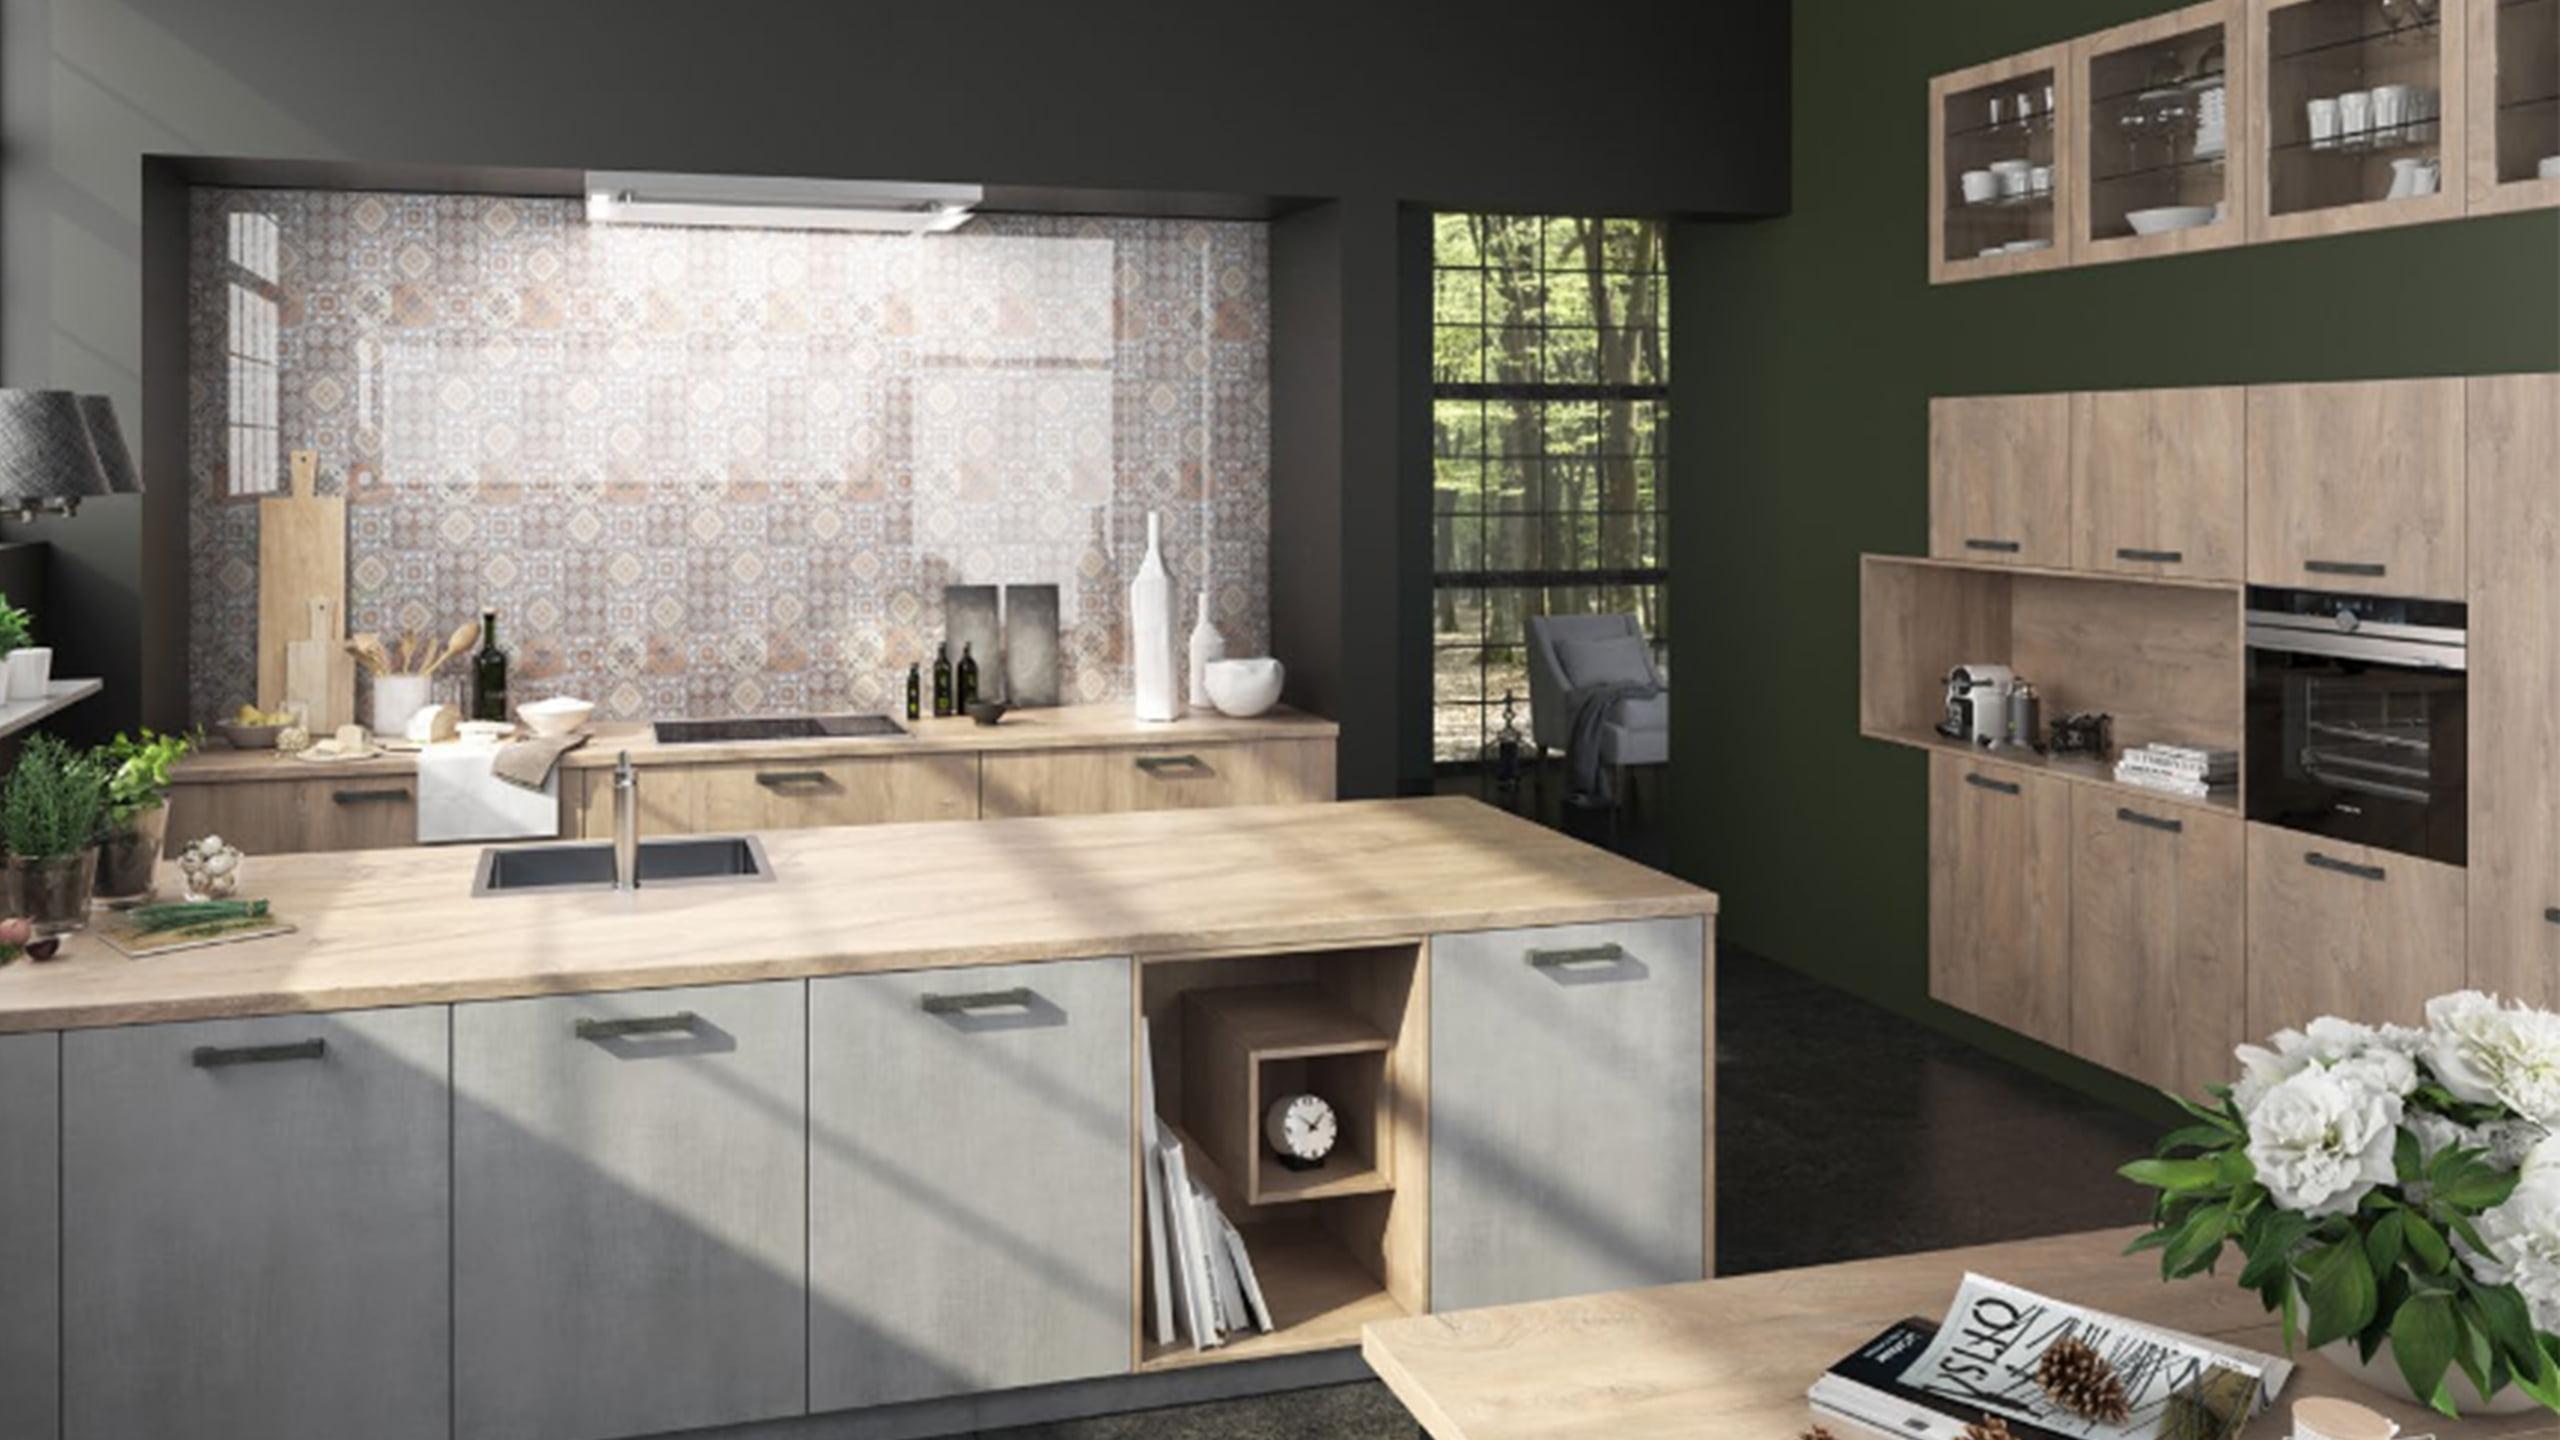 weiße brigitte küche mit holzarbeitsplatte und nischengestaltung